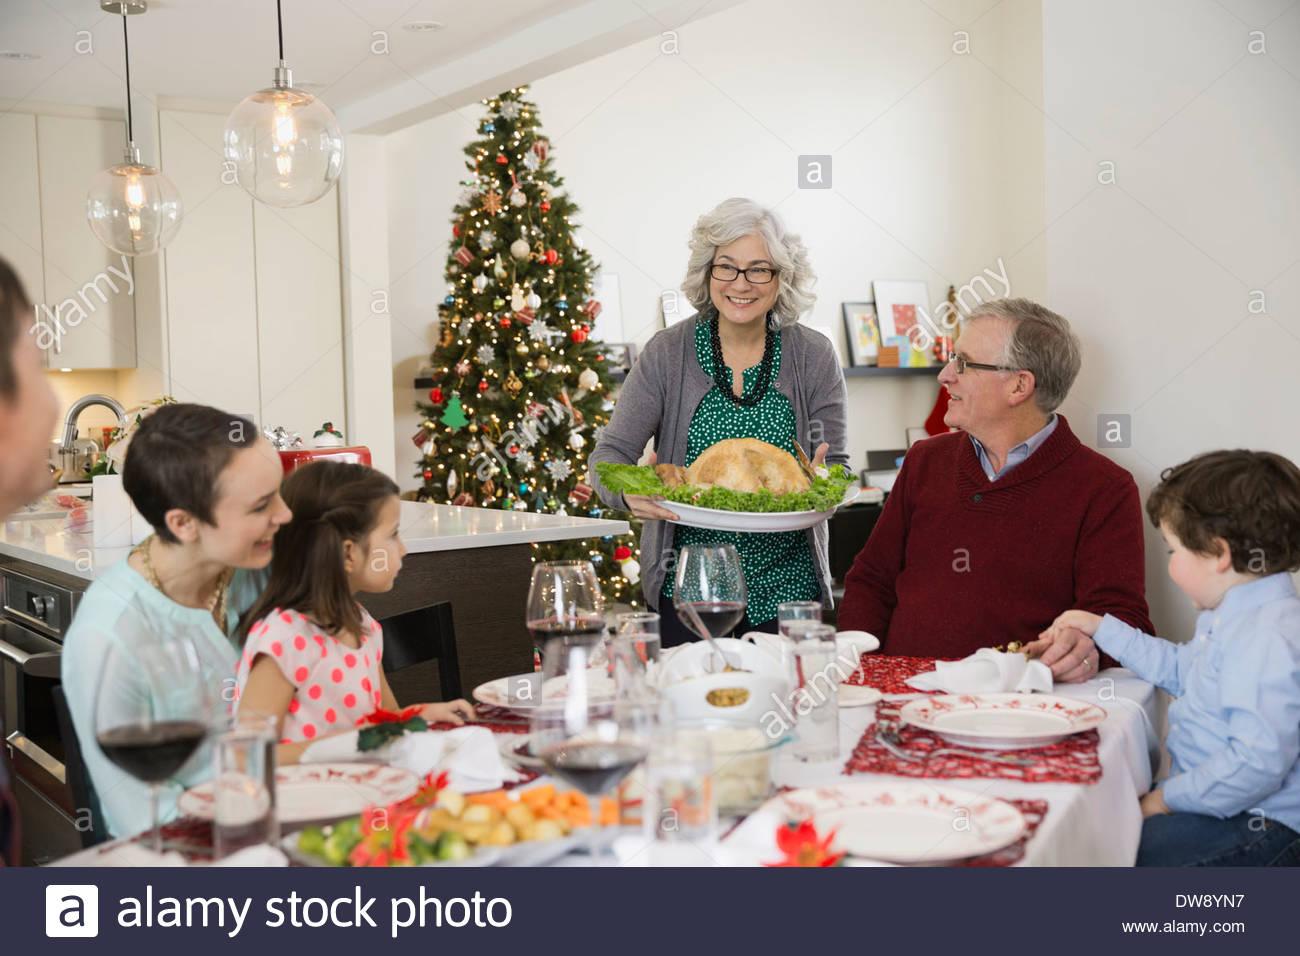 Abuela sirviendo a Turquía a la familia en la cena de Navidad Imagen De Stock